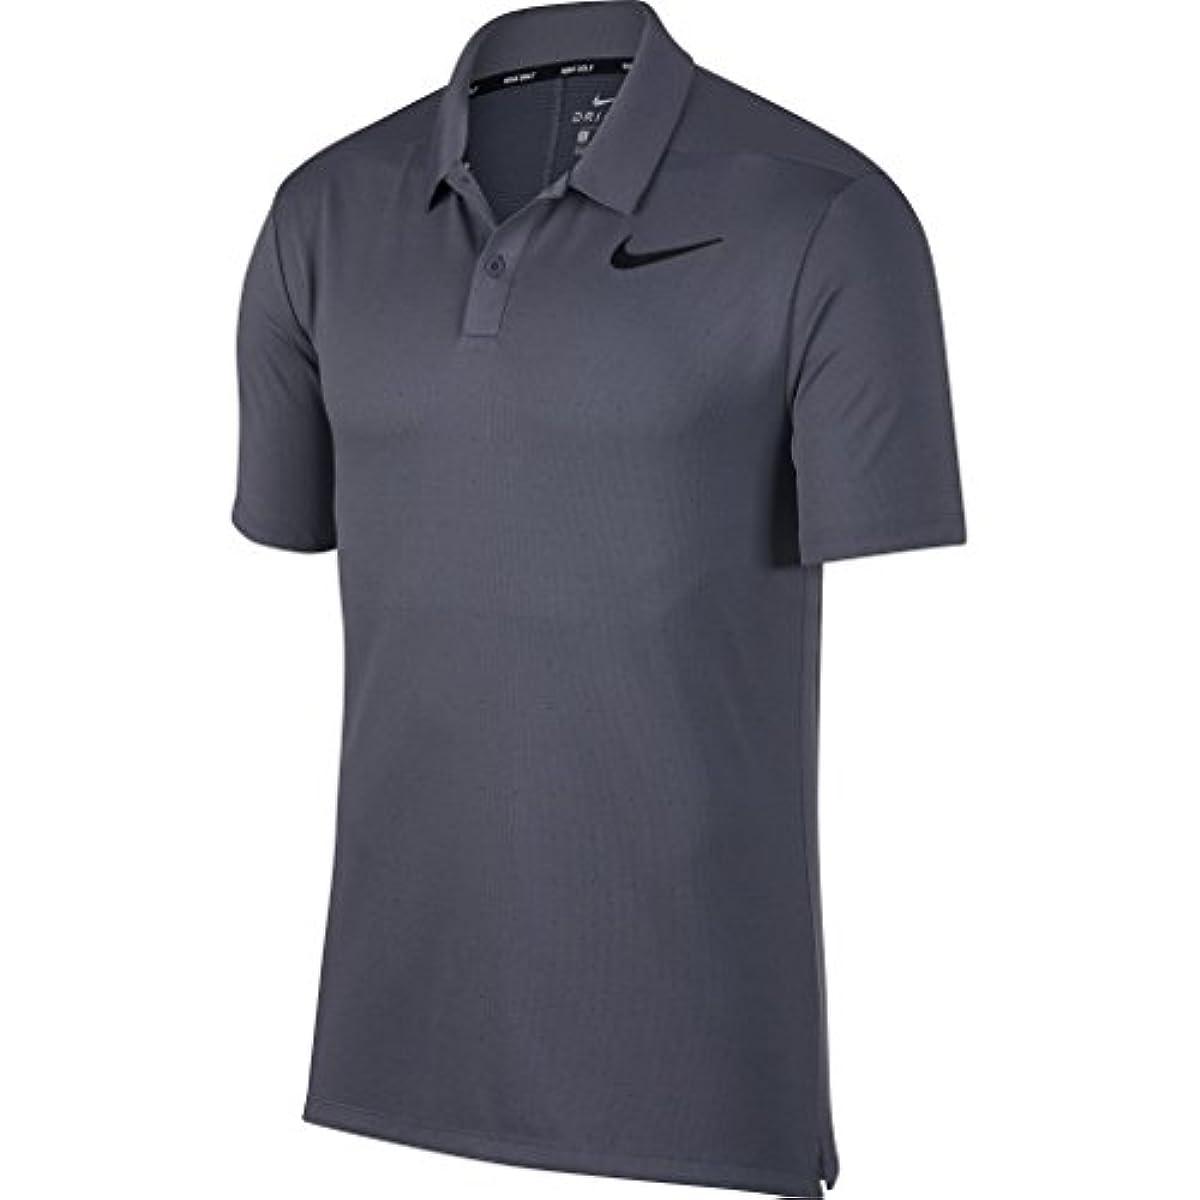 [해외] (나이키) NIKE 맨즈 BREATHE 폴로 셔츠 반소매 탑 스포츠 웨어